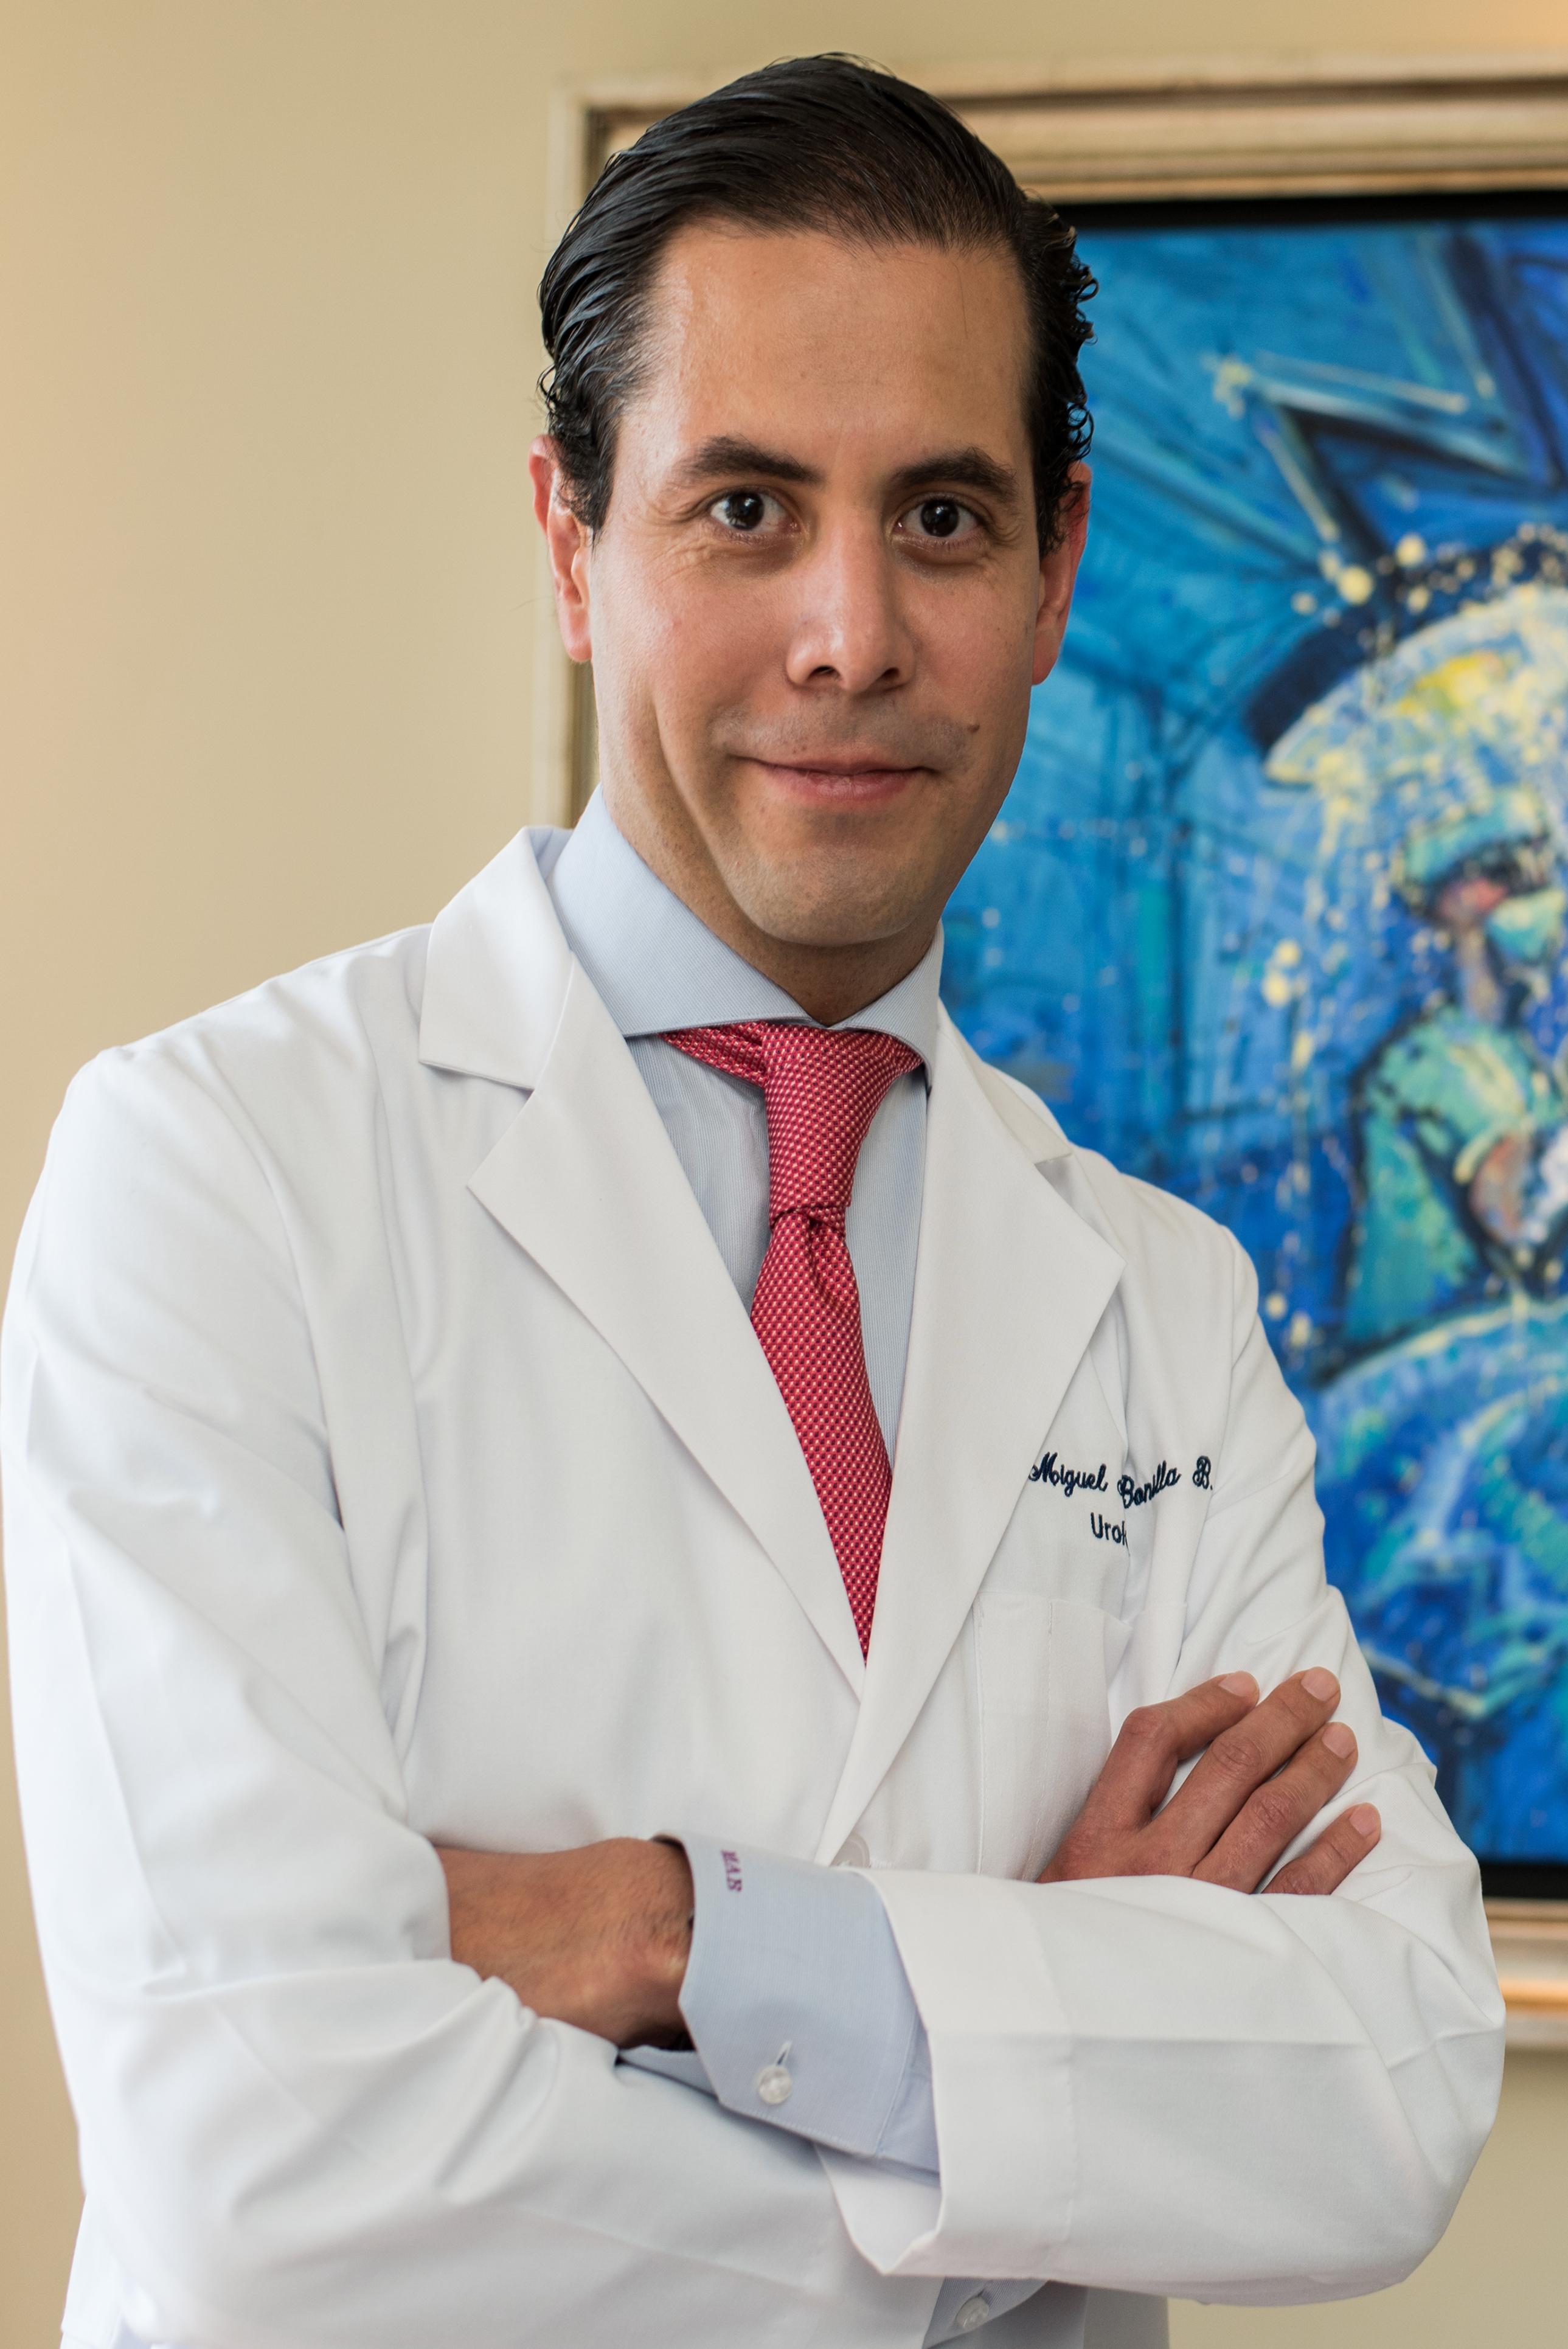 Dr. Miguel Bonilla